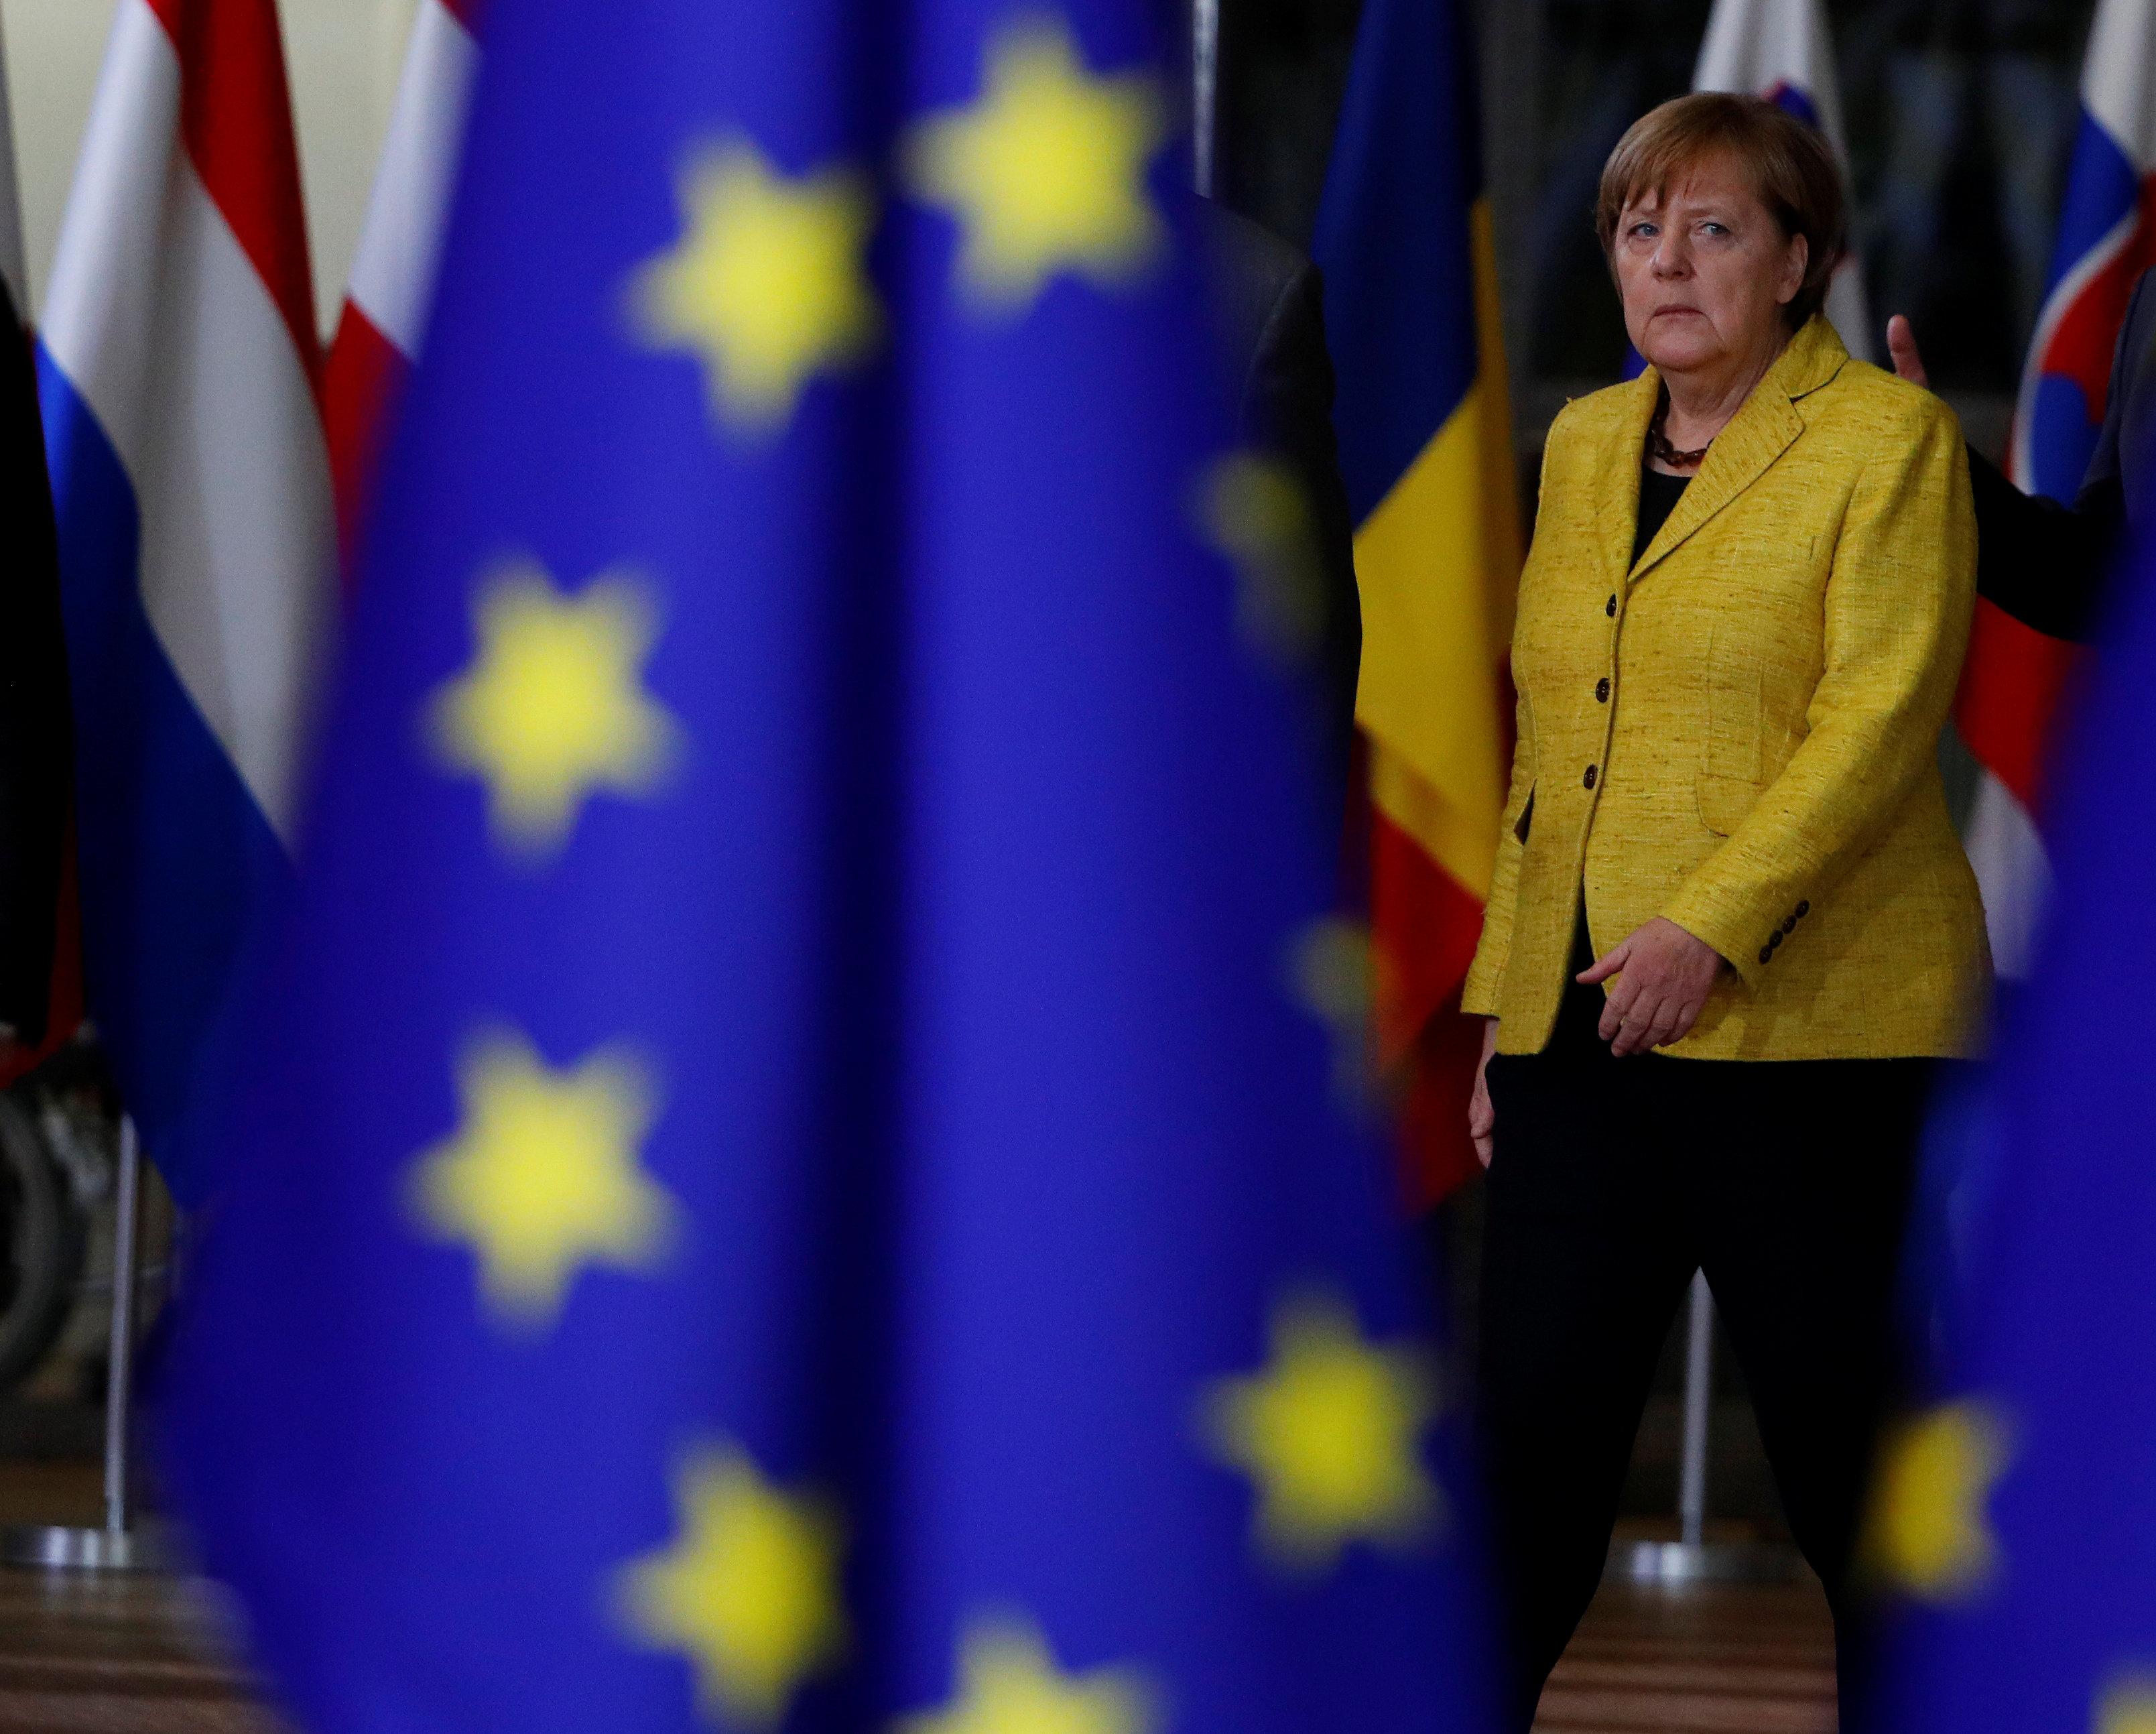 Merkel'den AB'ye mülteci sitemi: Dayanışma içinde değiliz